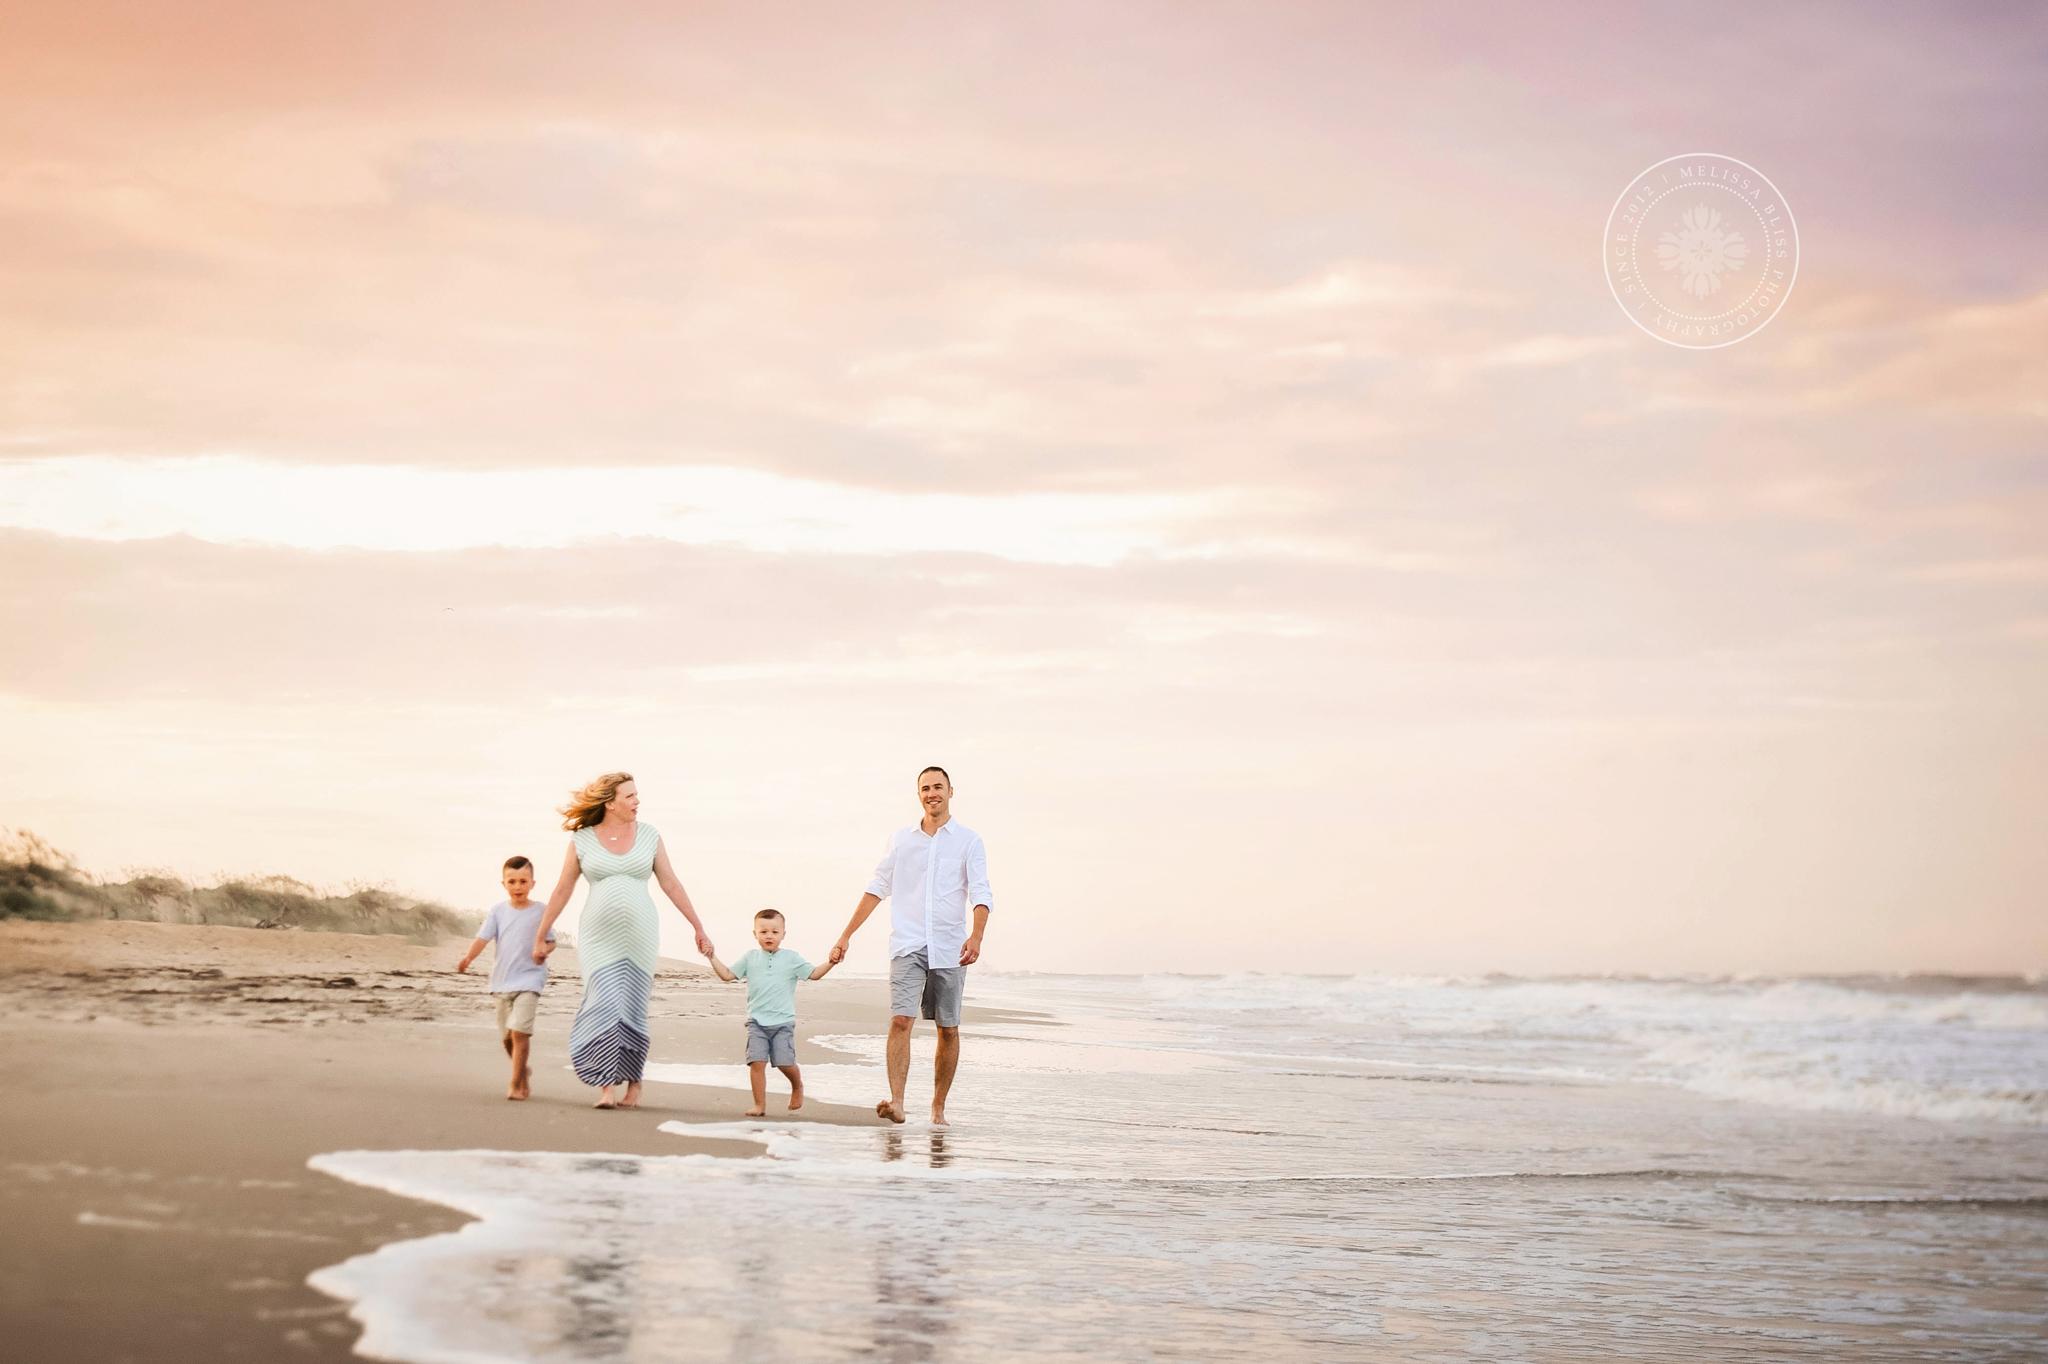 virginia-beach-family-photographers-melissa-bliss-photography-sunset-beach-photos-family-lifestyle-session-maternity-photos.jpg